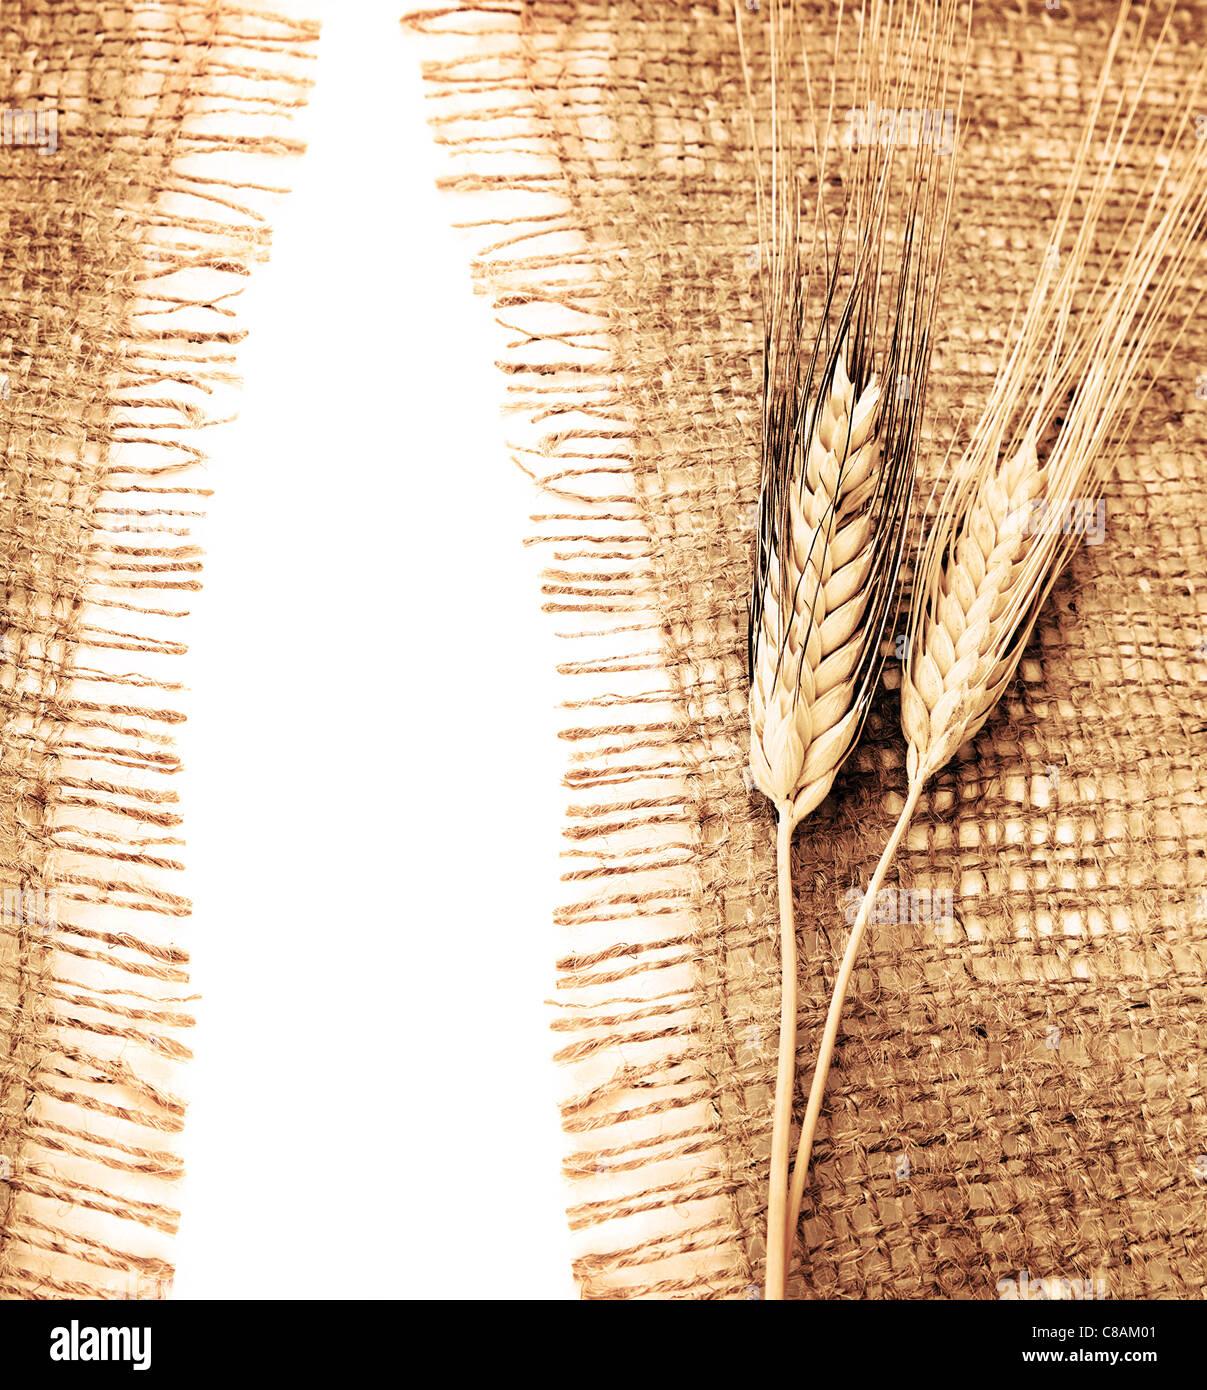 harvest border